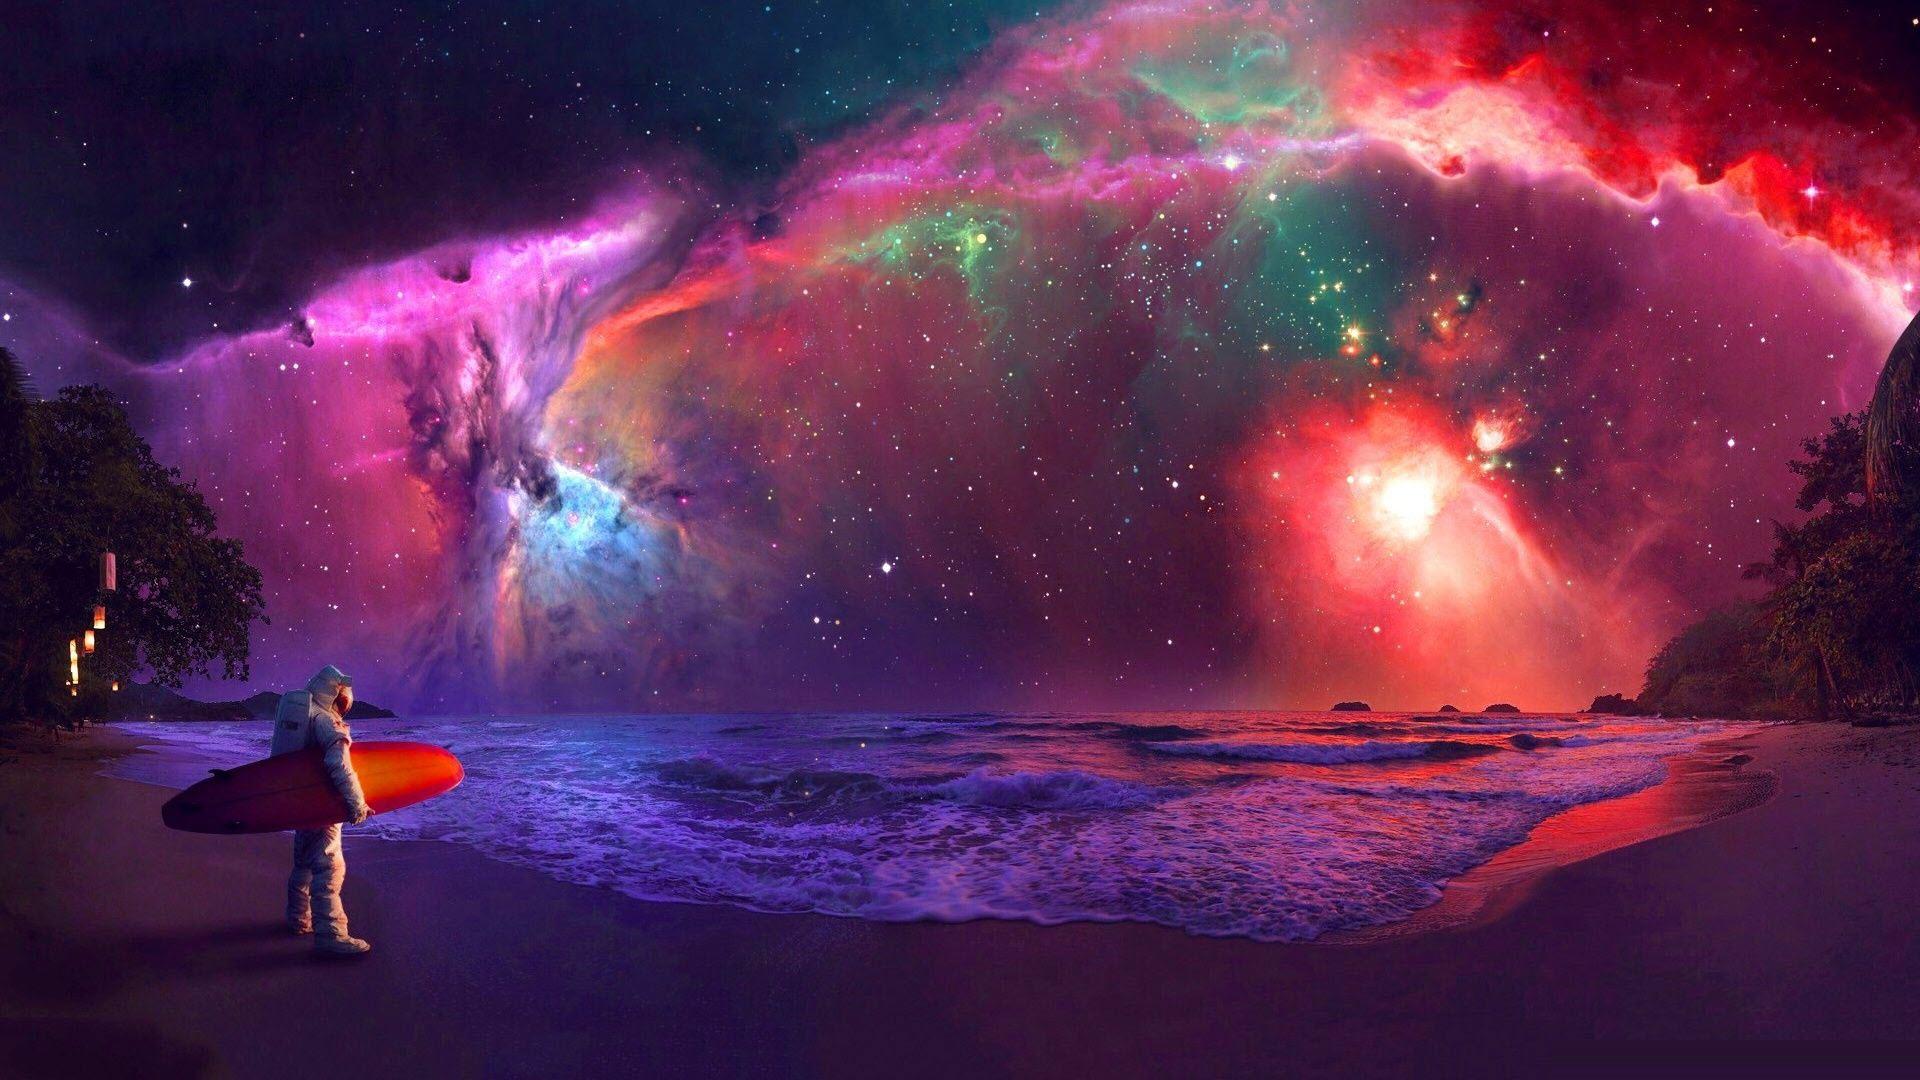 Ảnh Galaxy độc đáo, sáng tạo